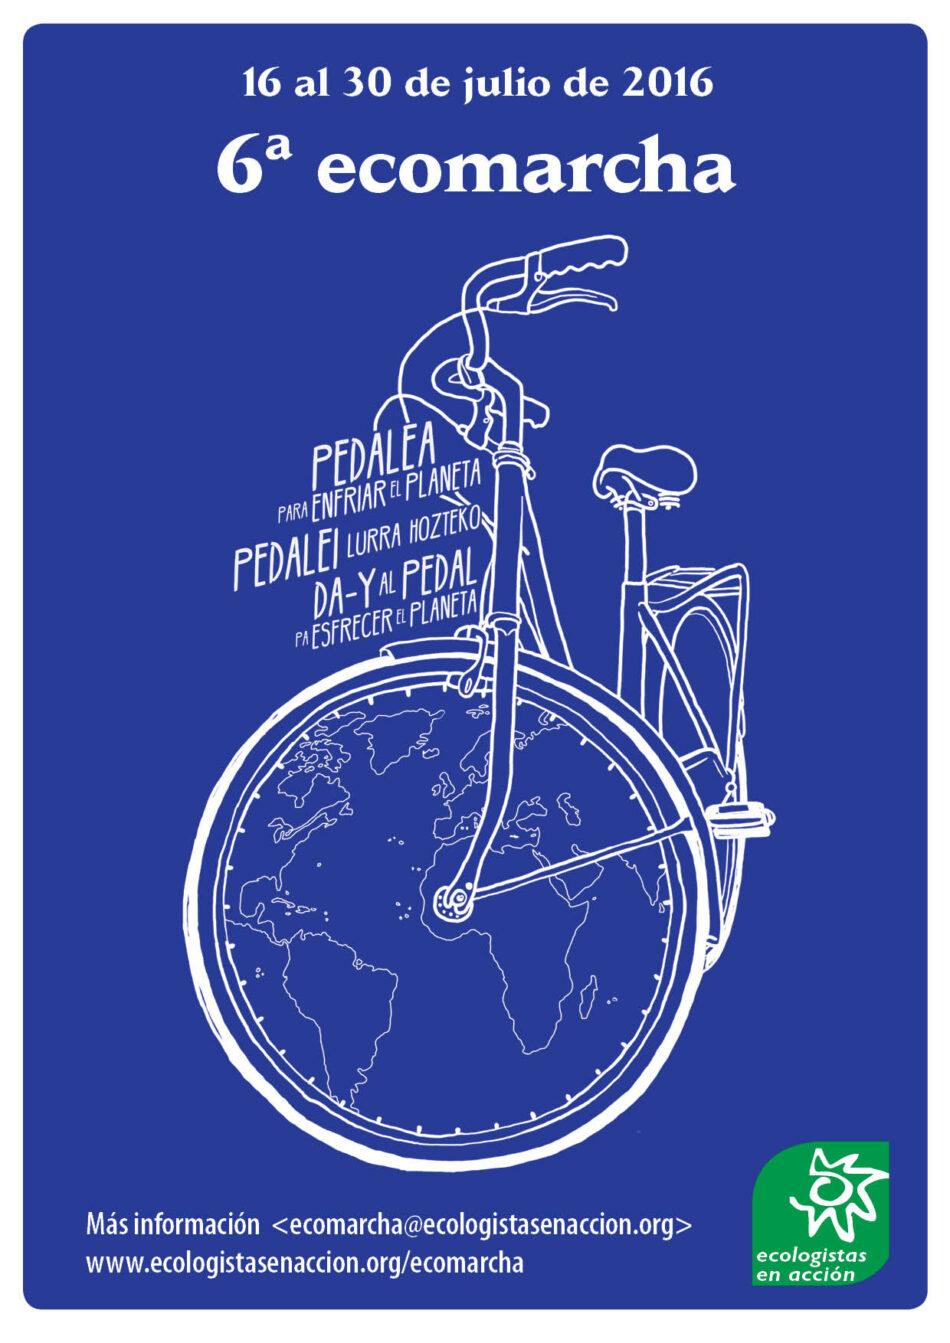 """Arranca la 6ª Ecomarcha bajo el lema: """"Pedaleando para enfriar el planeta"""""""